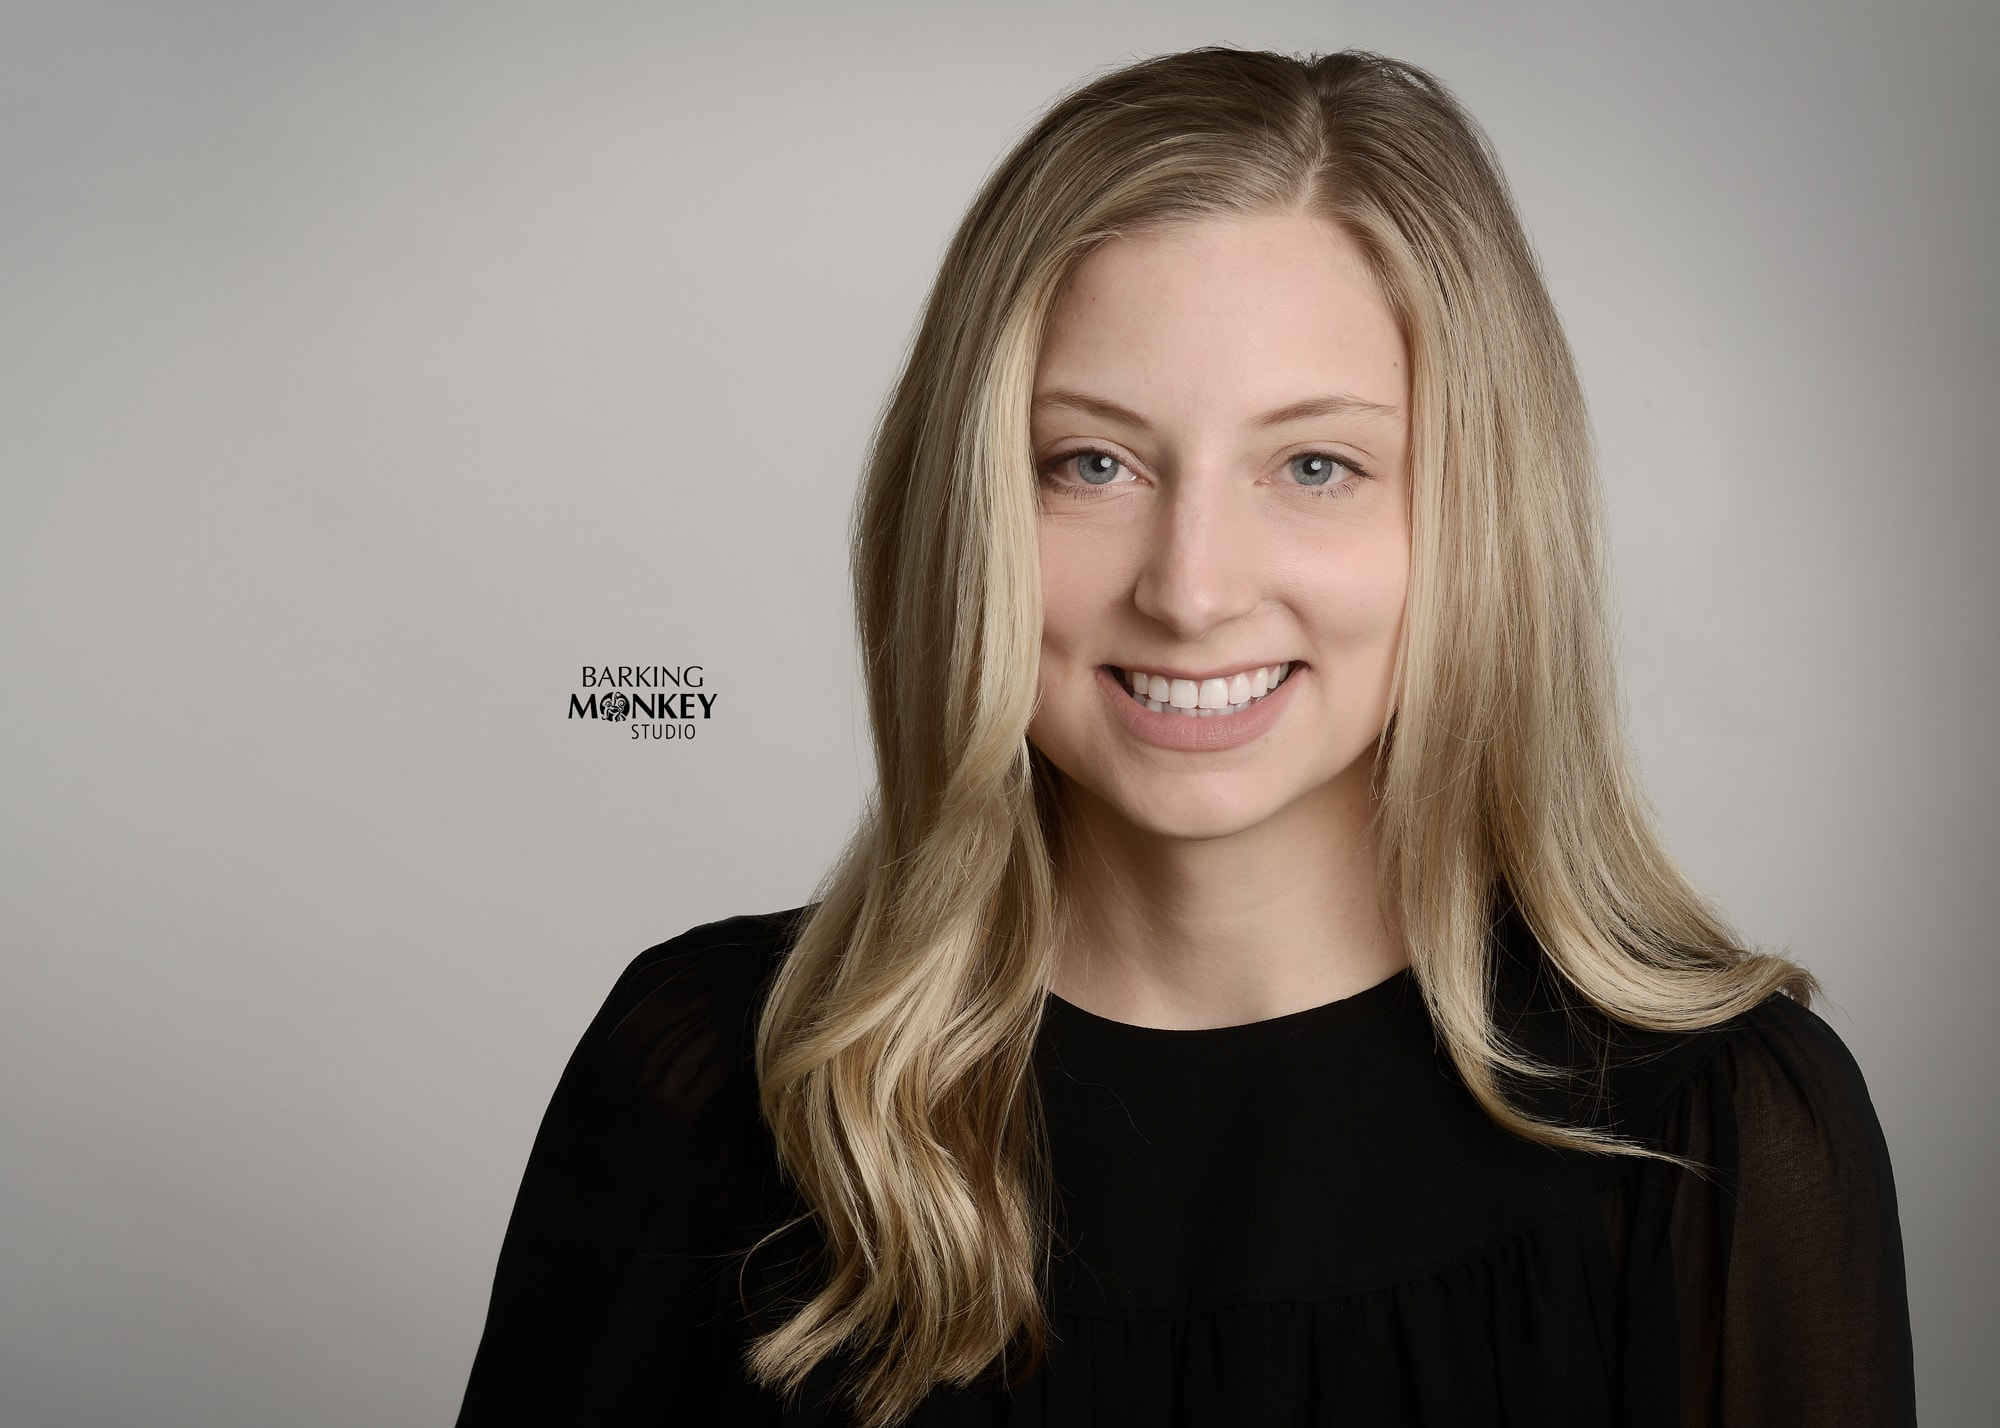 ottawa photo studo headshot business portrait